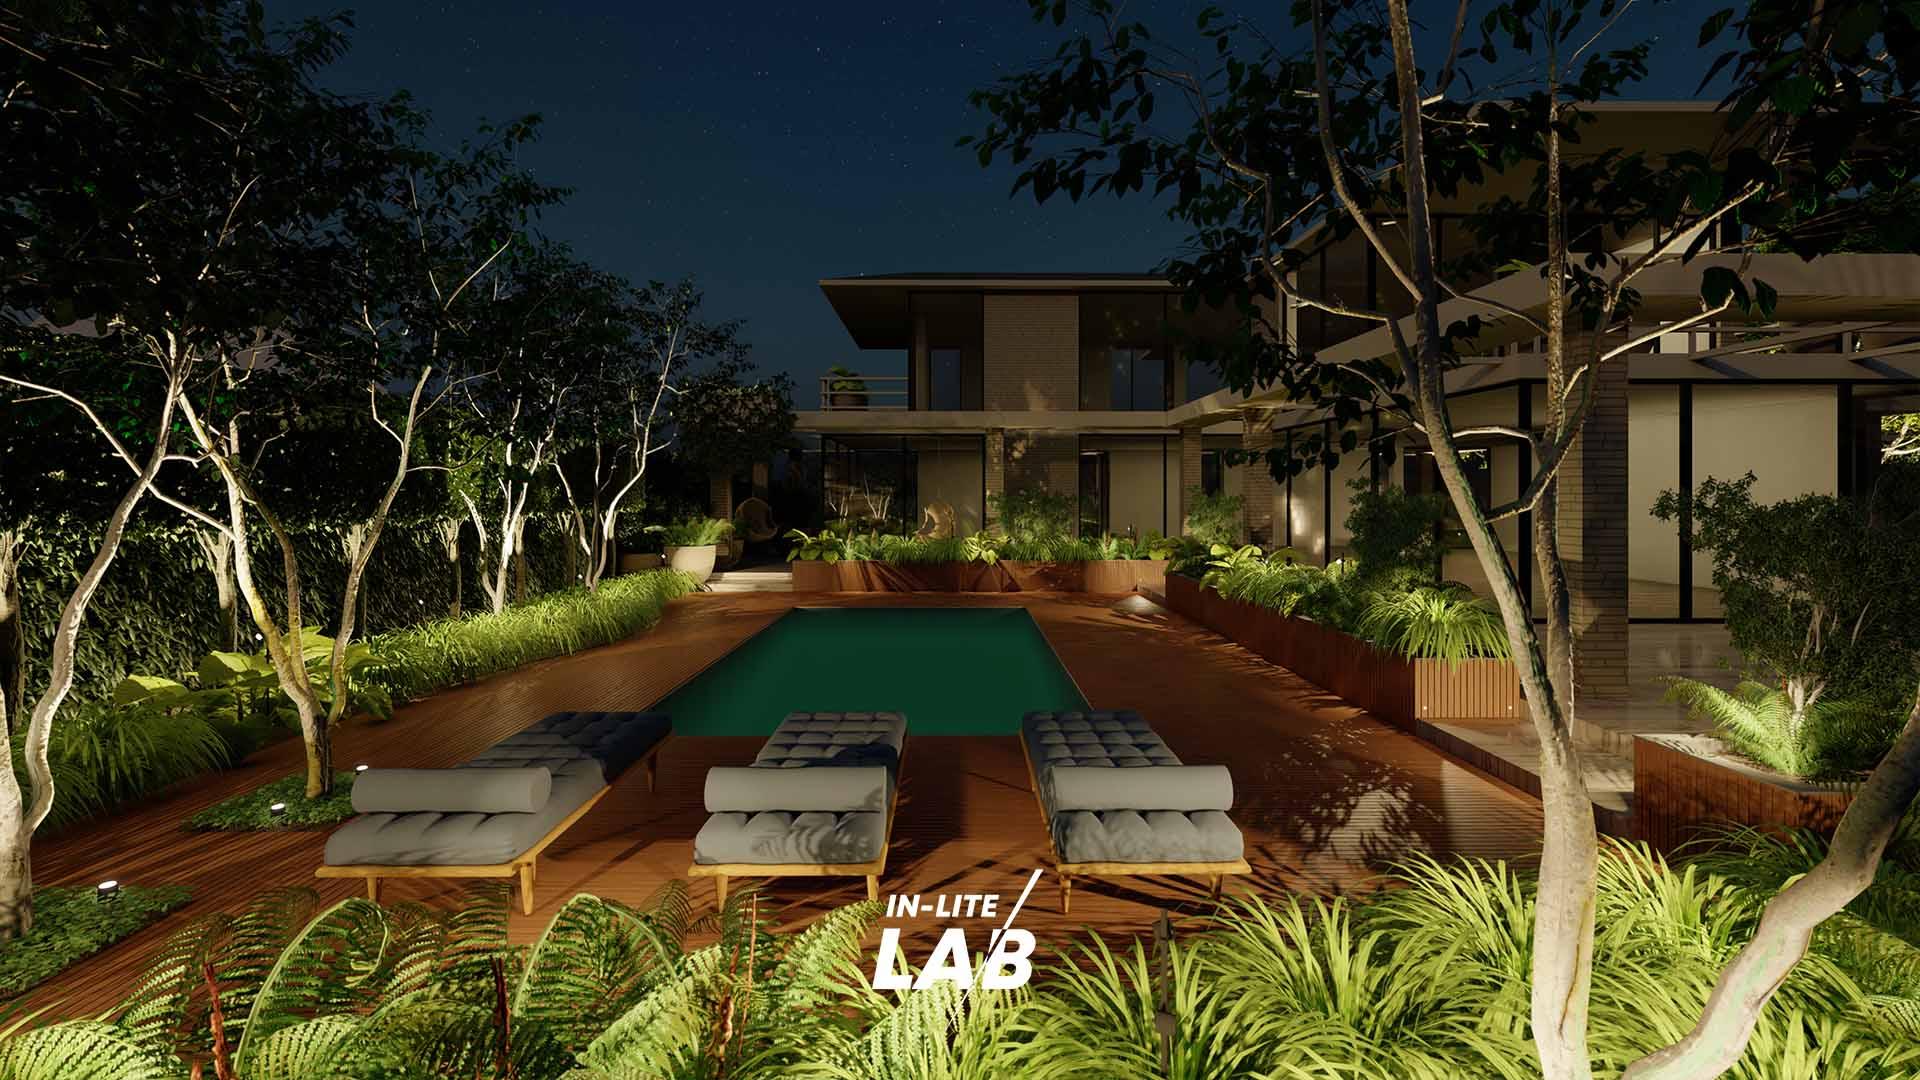 Zwembadverlichting - Tuinverlichting - in-lite LAB - in-lite